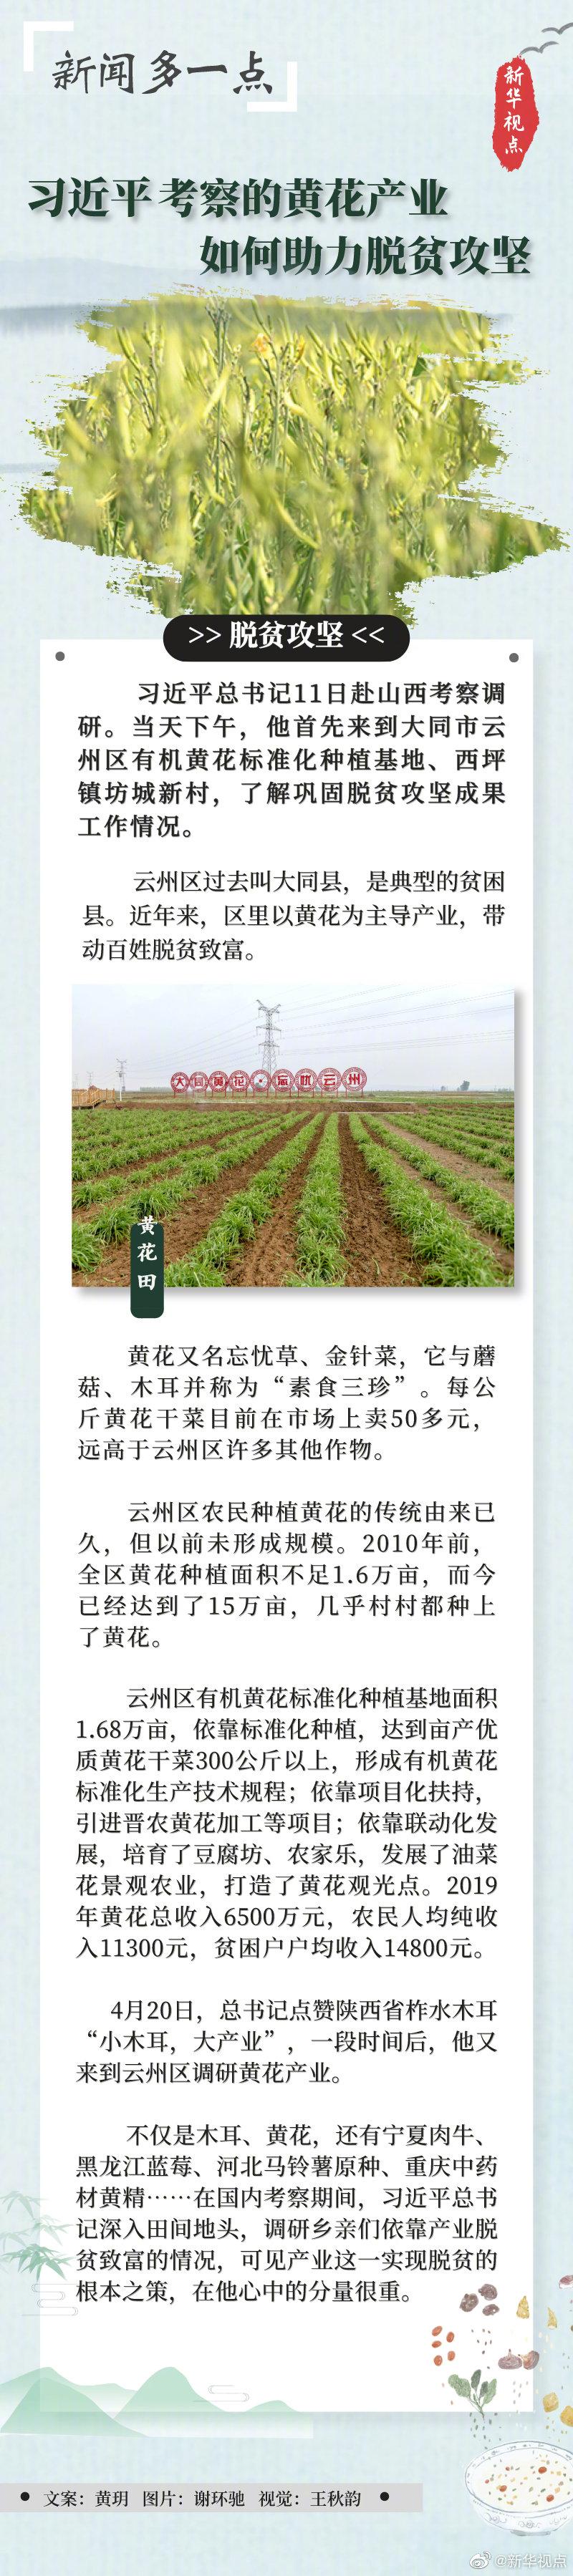 【天富】察的黄花产业如何助力脱贫天富攻图片